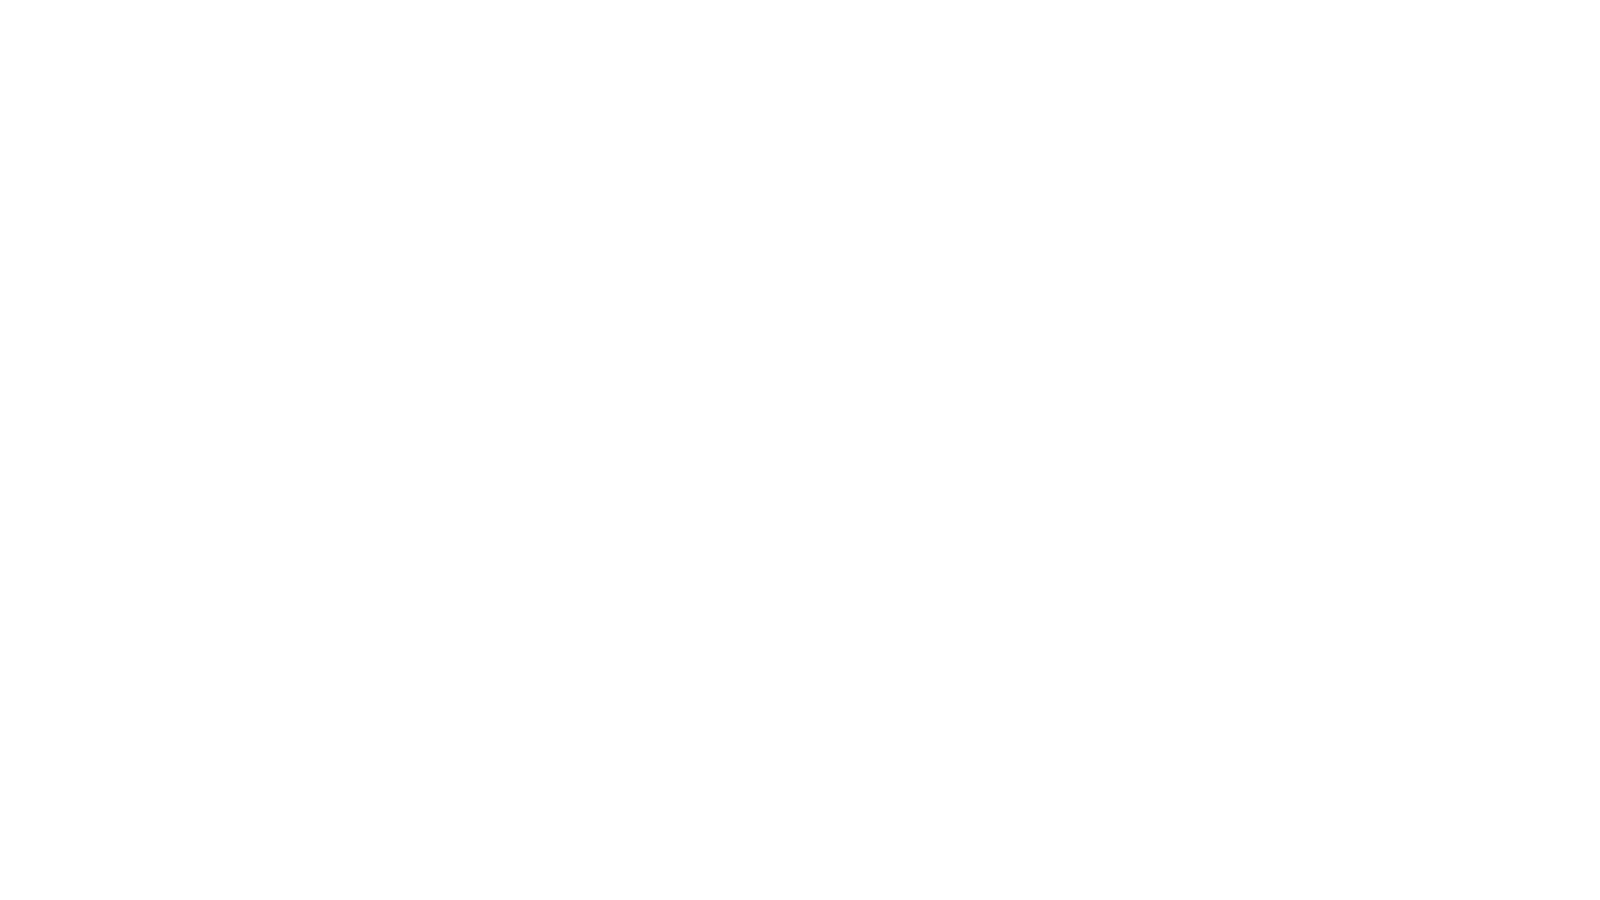 """🟠 LINKI Z FILMU: ➡️ Darmowy kurs Amazon KDP i biznesu online ► http://odkelneradomilionera.pl/darmowy-kurs/ ➡️ Polska giełda kryptowalut Bitbay ► https://odkelneradomilionera.pl/bitbay/ ➡️ Poradnik zakupu kryptowalut ► https://odkelneradomilionera.pl/bitcoin-i-kryptowaluty-dla-poczatkujacych/ ➡️ Wstęp do WordPress ► https://odkelneradomilionera.pl/jak-zalozyc-bloga-na-wordpress/ ➡️ Portal dla freelancerów Fiverr ► https://odkelneradomilionera.pl/fiverr/ ➡️ Kurs Amazon FBA Norberta Adutisa ► https://odkelneradomilionera.pl/amazonfba/ ➡️ Program partnerski Od Kelnera Do Milionera ► https://kursy.odkelneradomilionera.pl/program-partnerski/  W tym filmie przedstawię Wam 7 pomysłów na zarabianie w domu. Pokażę tutaj ciekawe i nowoczesne pomysły na biznes, który można prowadzić z domu i zacząć już teraz bez większych inwestycji. Tak się składa, że większość z tych rodzajów biznesu stosuje osobiście od wielu lat i mam do przekazania sporo informacji, które na pewno przydadzą się Wam na starcie w tym trochę zwariowanym świecie zarabiania w internecie.  ★☆★ ZOBACZ POSTA NA BLOGU: ★☆★ http://odkelneradomilionera.pl/7-pomyslow-na-zarabianie-w-domu/  ★☆★ SUBSKRYBUJ MNIE NA YOUTUBE: ★☆★ Subskrybuj ► http://www.youtube.com/c/TomaszMicherda   ★☆★ POLUB MOJE STRONY NA: ★☆★ Artykuły i kursy ► http://www.odkelneradomilionera.pl Podcast ► https://odkelneradomilionera.pl/podcast/ Facebook ► https://www.facebook.com/OdKelneraDoMilioneraTomaszMicherda/ Instagram ► https://www.instagram.com/odkelneradomilionera/  ★☆★ MOJE PRODUKTY I KURSY: ★☆★ Darmowy kurs Amazona i biznesu online ► https://odkelneradomilionera.pl/darmowy-kurs/ Produkt na Amazonie w 24H ► https://produkt24.pl/  Wydaj Bestseller na Amazon Kindle ► https://wydajbestseller.pl/  Kurs e-commerce """"Domowy Milioner"""" ► https://domowymilioner.pl/ Poranne Nawyki ► https://porannenawyki.pl/  Kurs WordPress ► https://kursblog.pl/ Gotowe szablony produktów na Amazon KDP ► https://zeszyt24.pl/  Kurs grafiki """"Alfabet Grafika"""" ► https://a"""